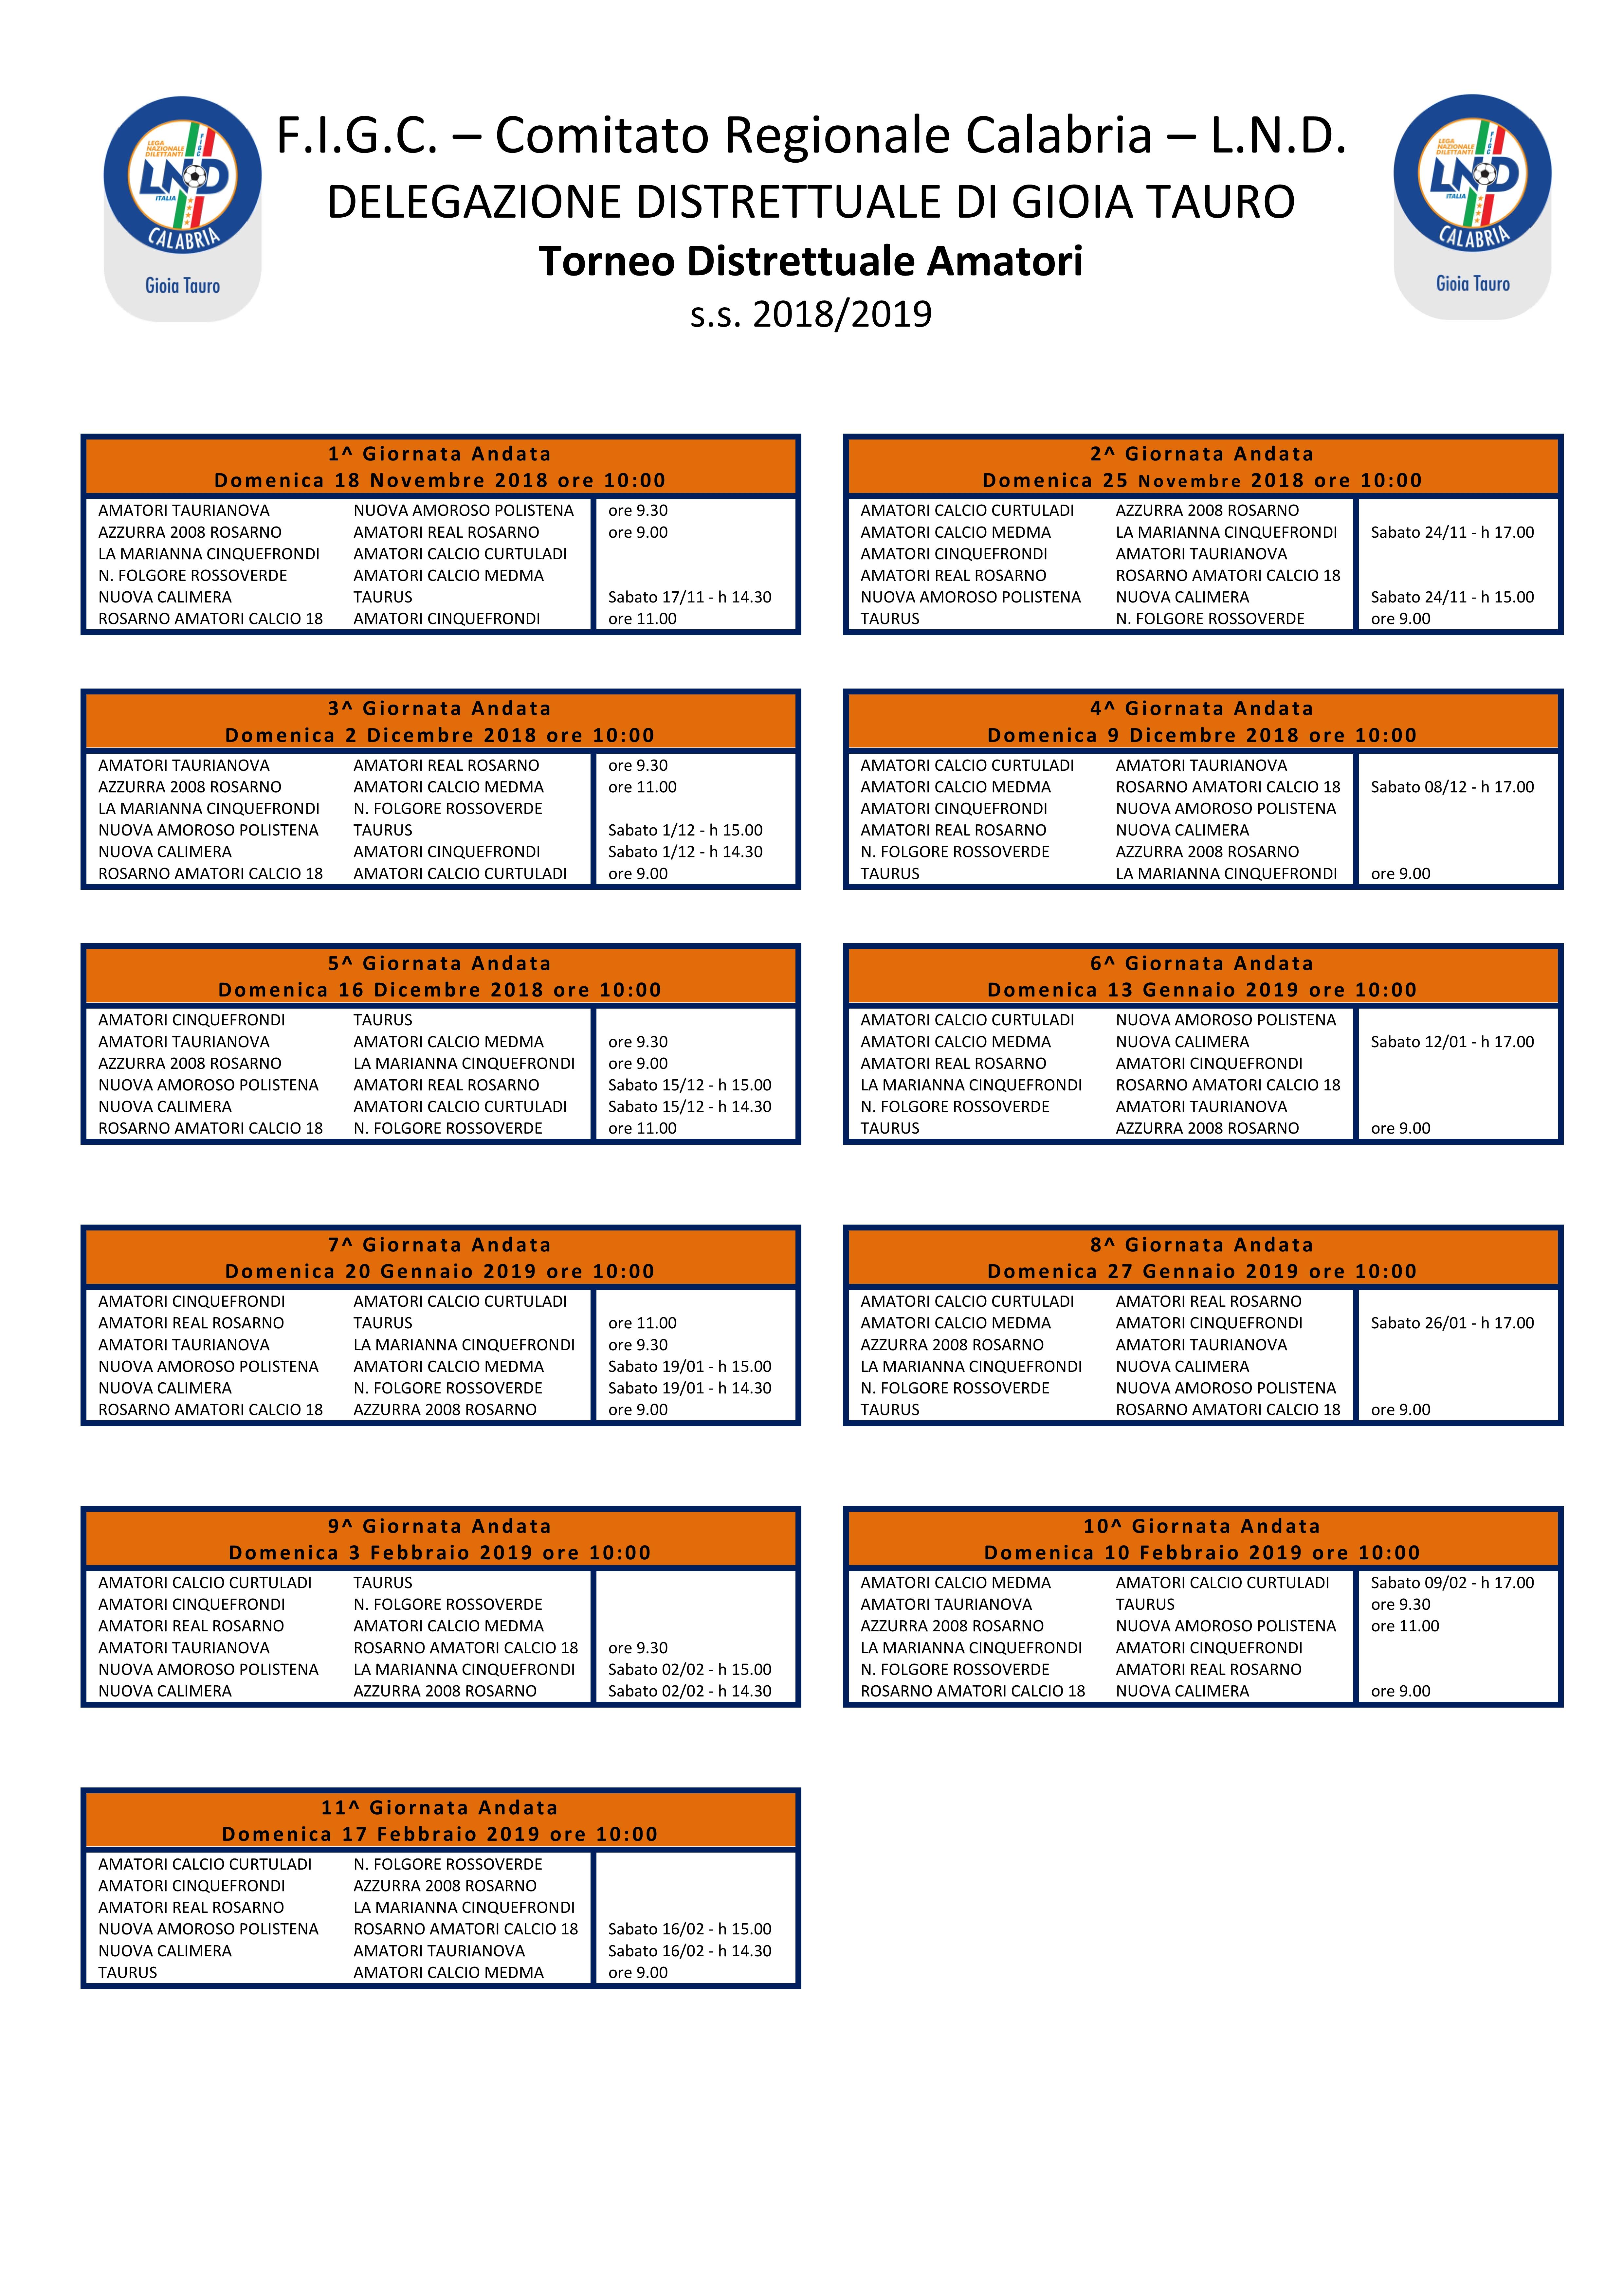 Calendario Torneo A 7 Squadre.Torneo Amatori Gioia Tauro Ecco Il Calendario 2018 2019